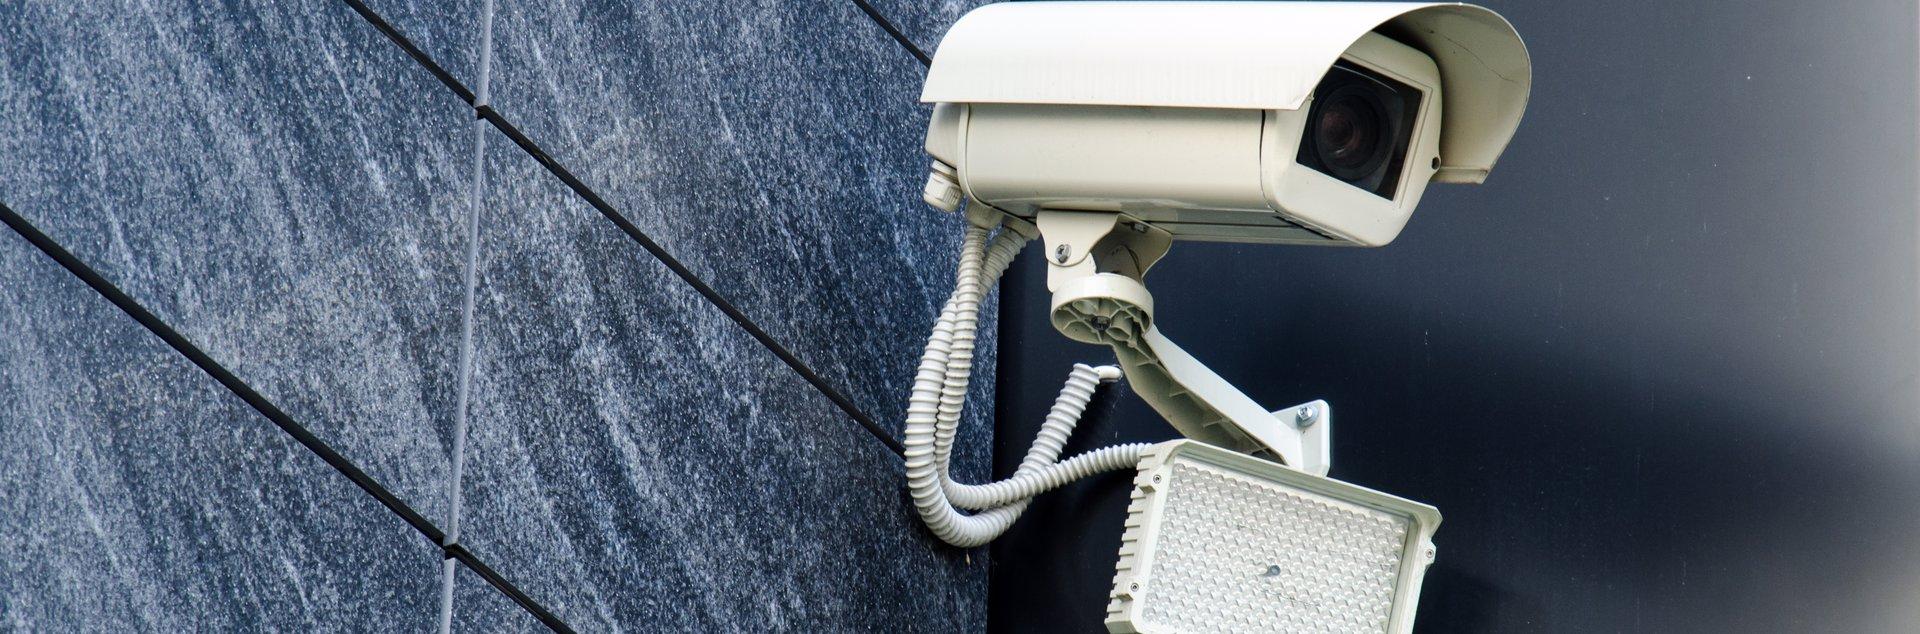 Sicurezza: impianti di videosorveglianza e allarme